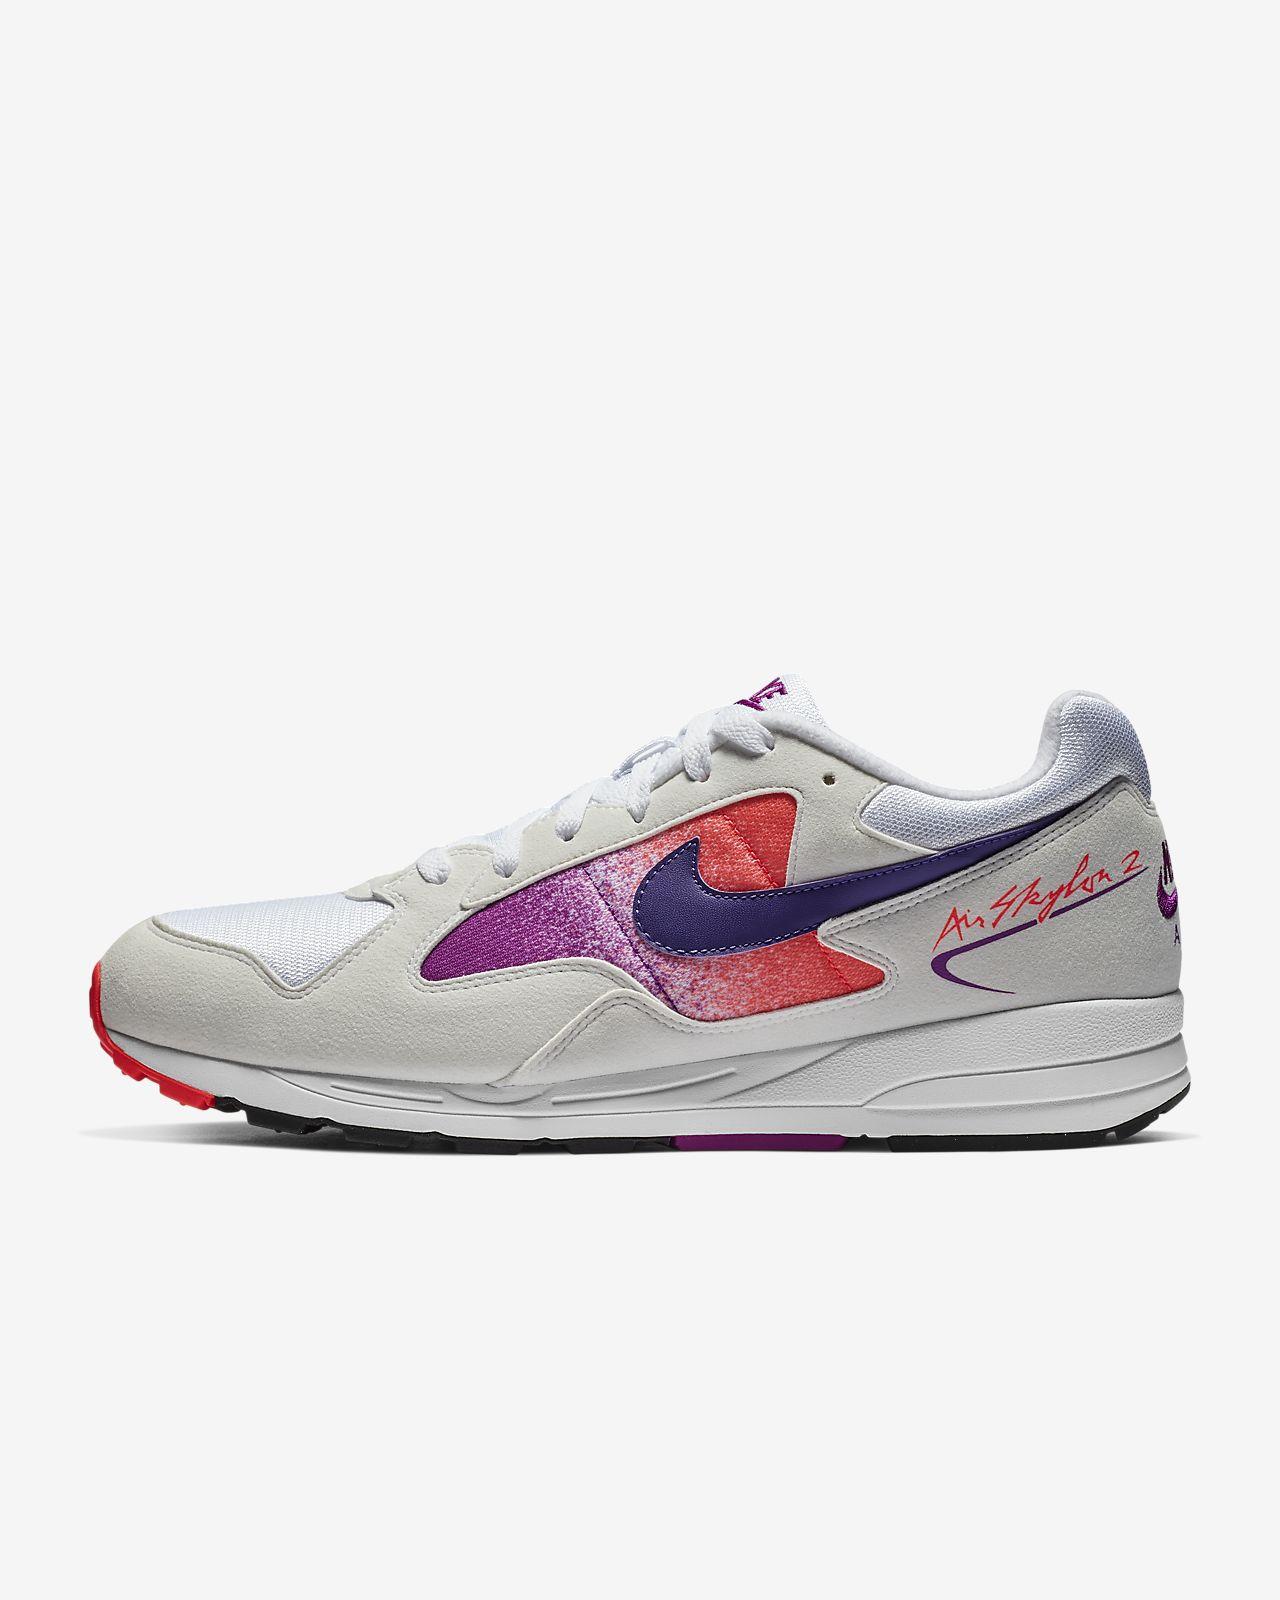 huge discount c5736 c78c9 Nike Air Skylon II Zapatillas - Hombre